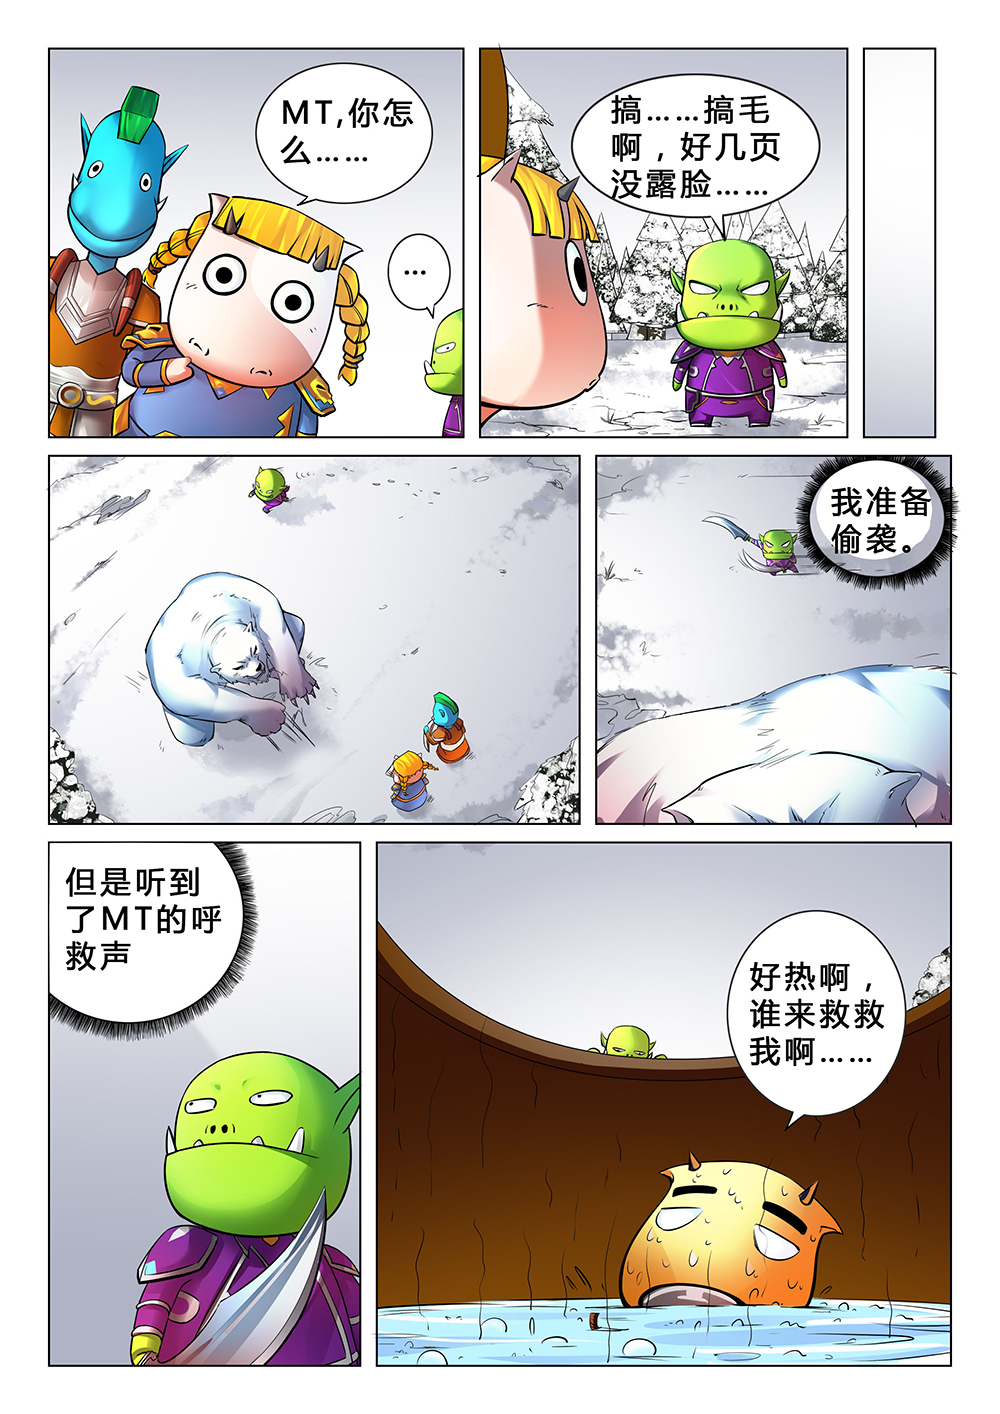 我叫MT4官方连载漫画第三篇:众人深陷危险搭救MT